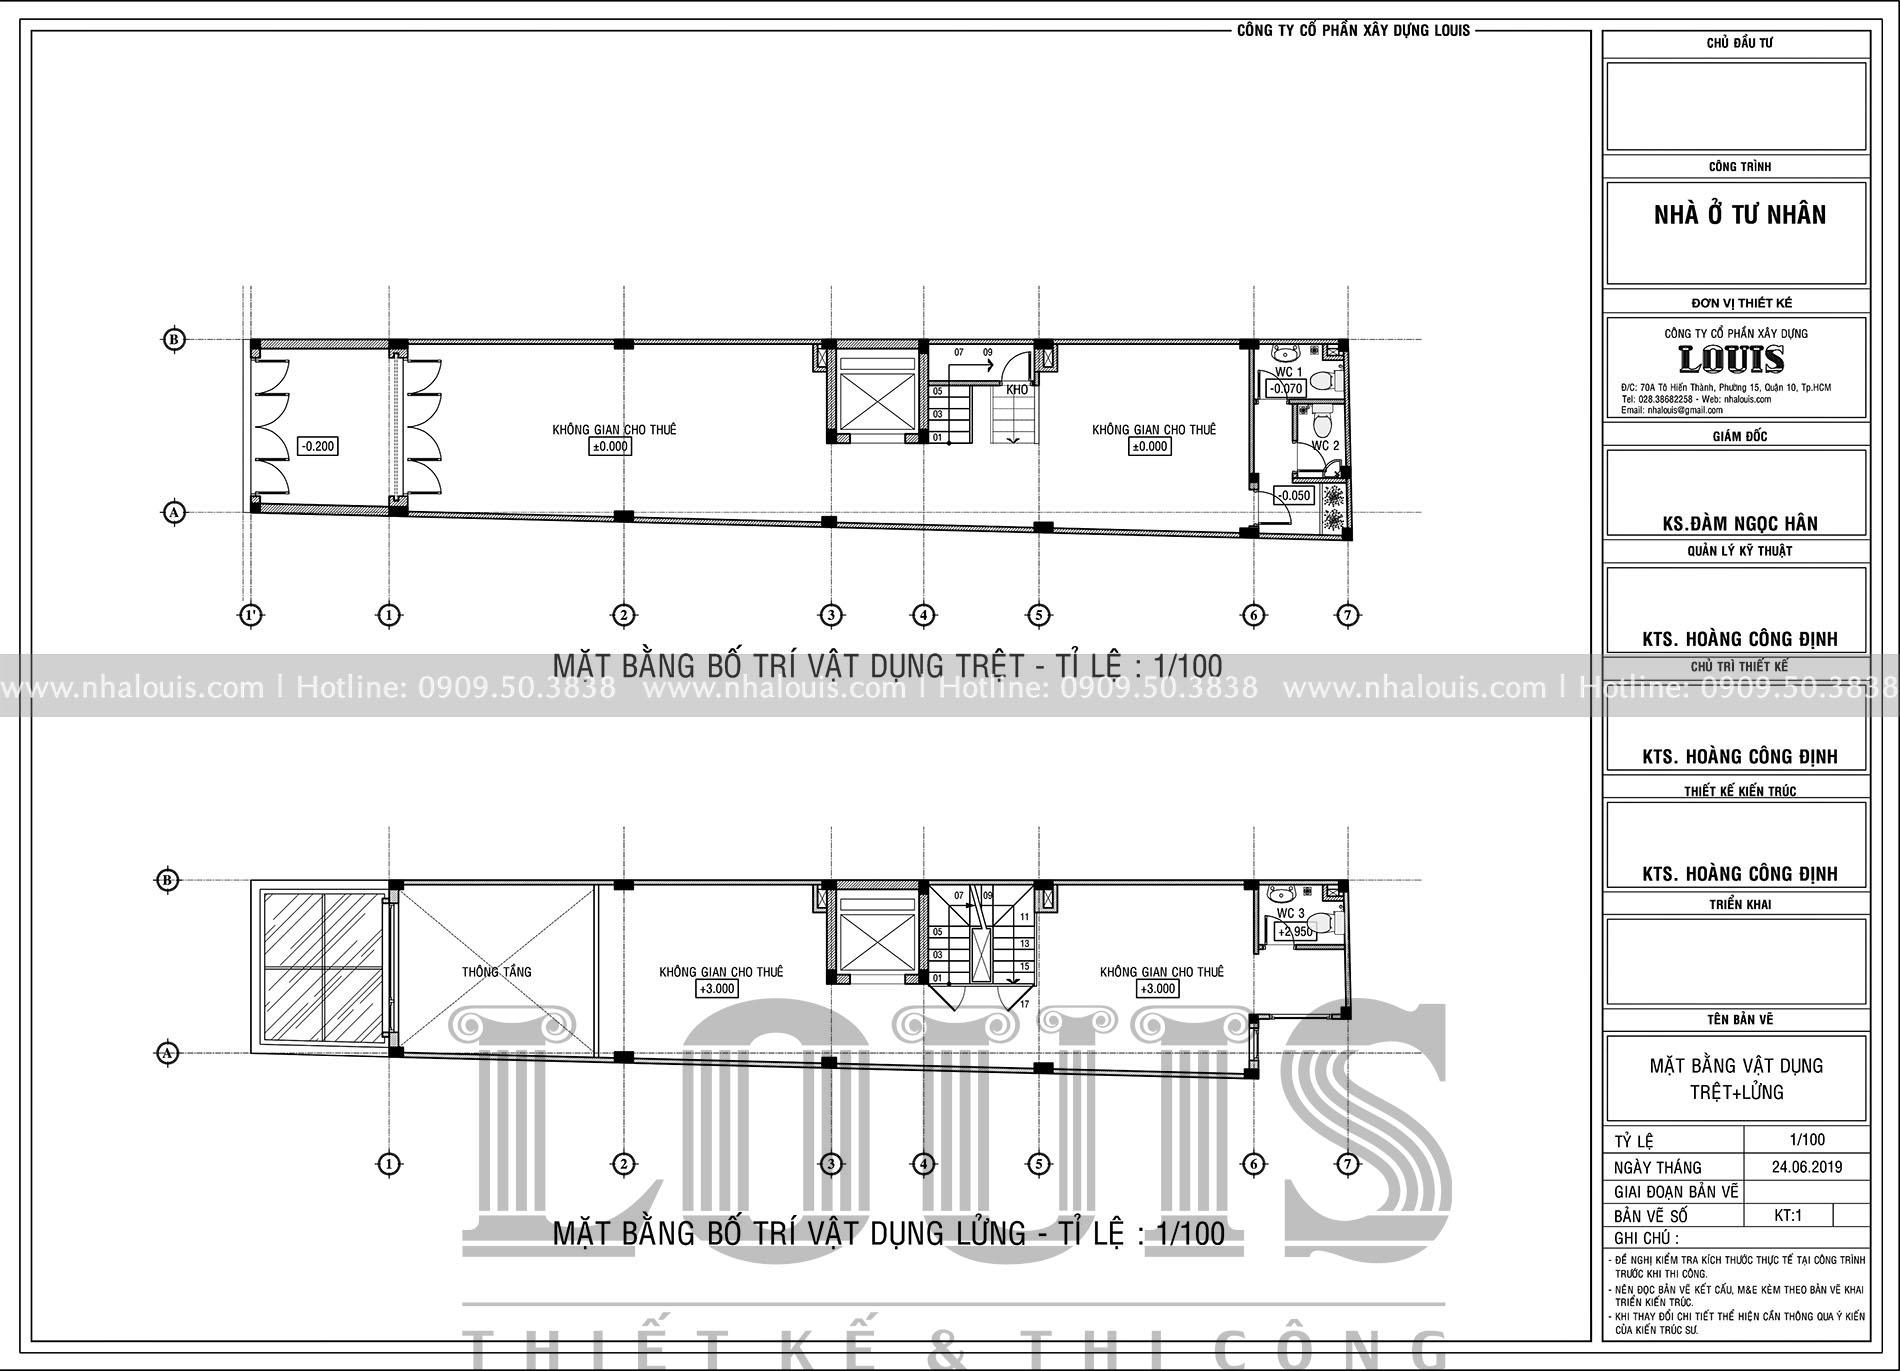 Thiết kế nhà có gara ô tô cần lưu ý những gì? Bộ sưu tập nhà có gara đẹp